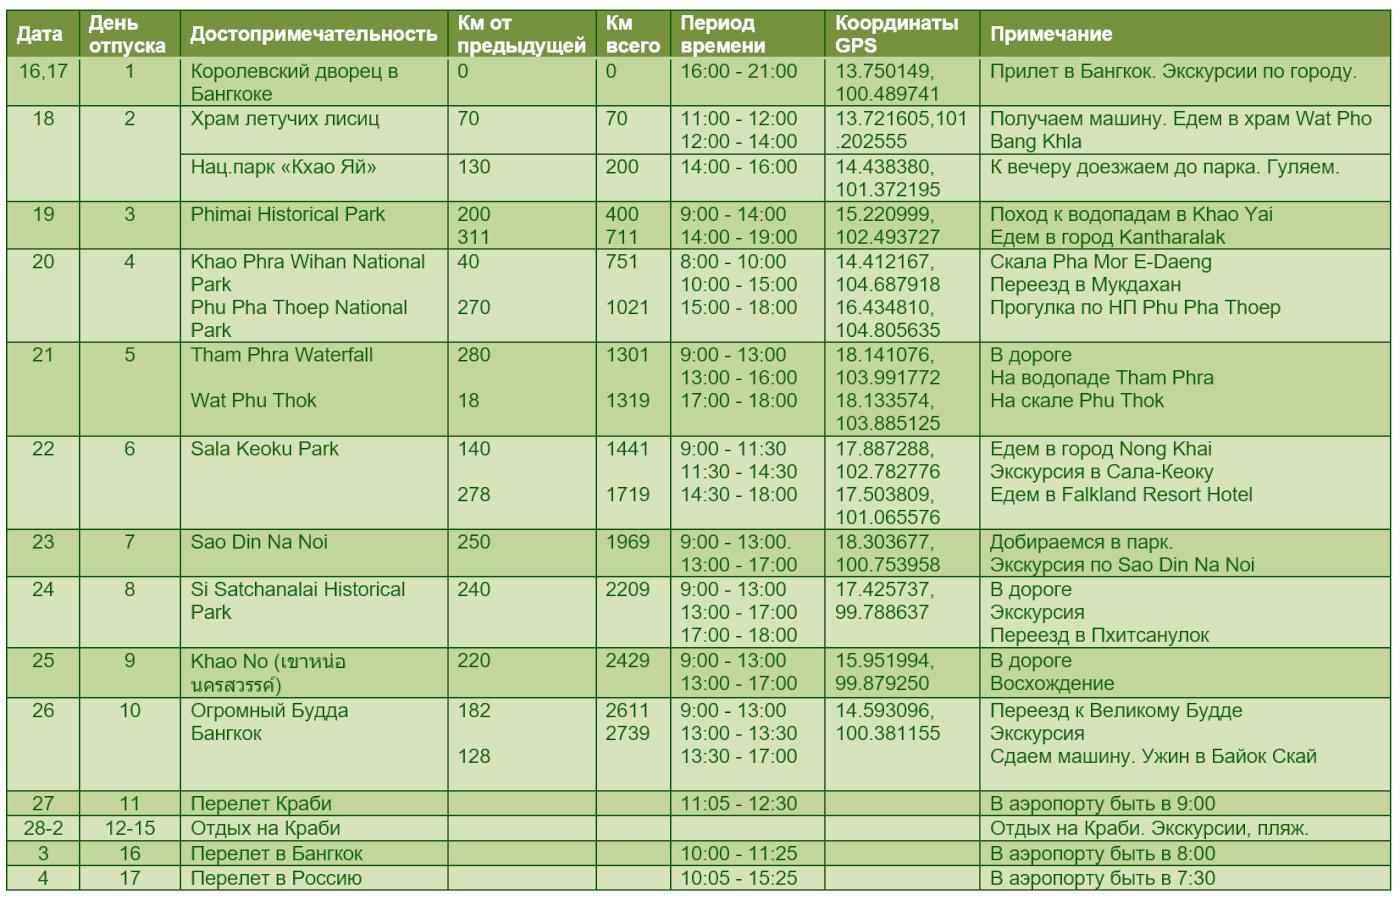 Таблица с описанием достопримечательностей по маршруту путешествия по Северо-Западному, Северному и Центральному Таиланду. Координаты GPS интересных мест. Расчет времени в пути.